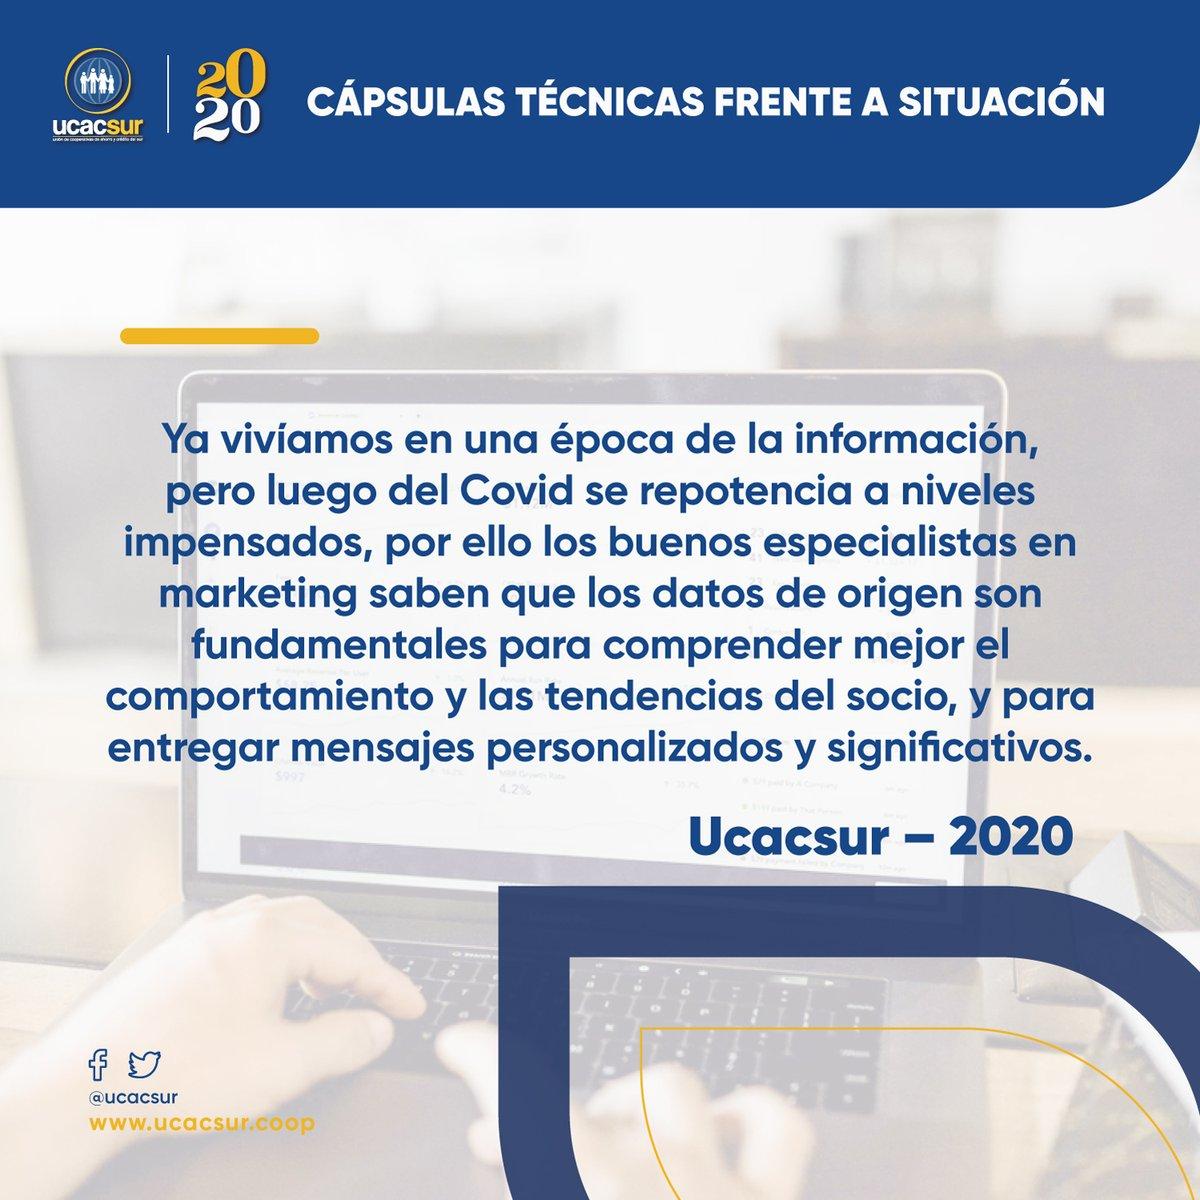 Desde #VirtualCoop analiza, descarga y comparte nuestras #CápsulasTécnicas ante #COVID19Ecuador https://t.co/P0lqrBfvB1